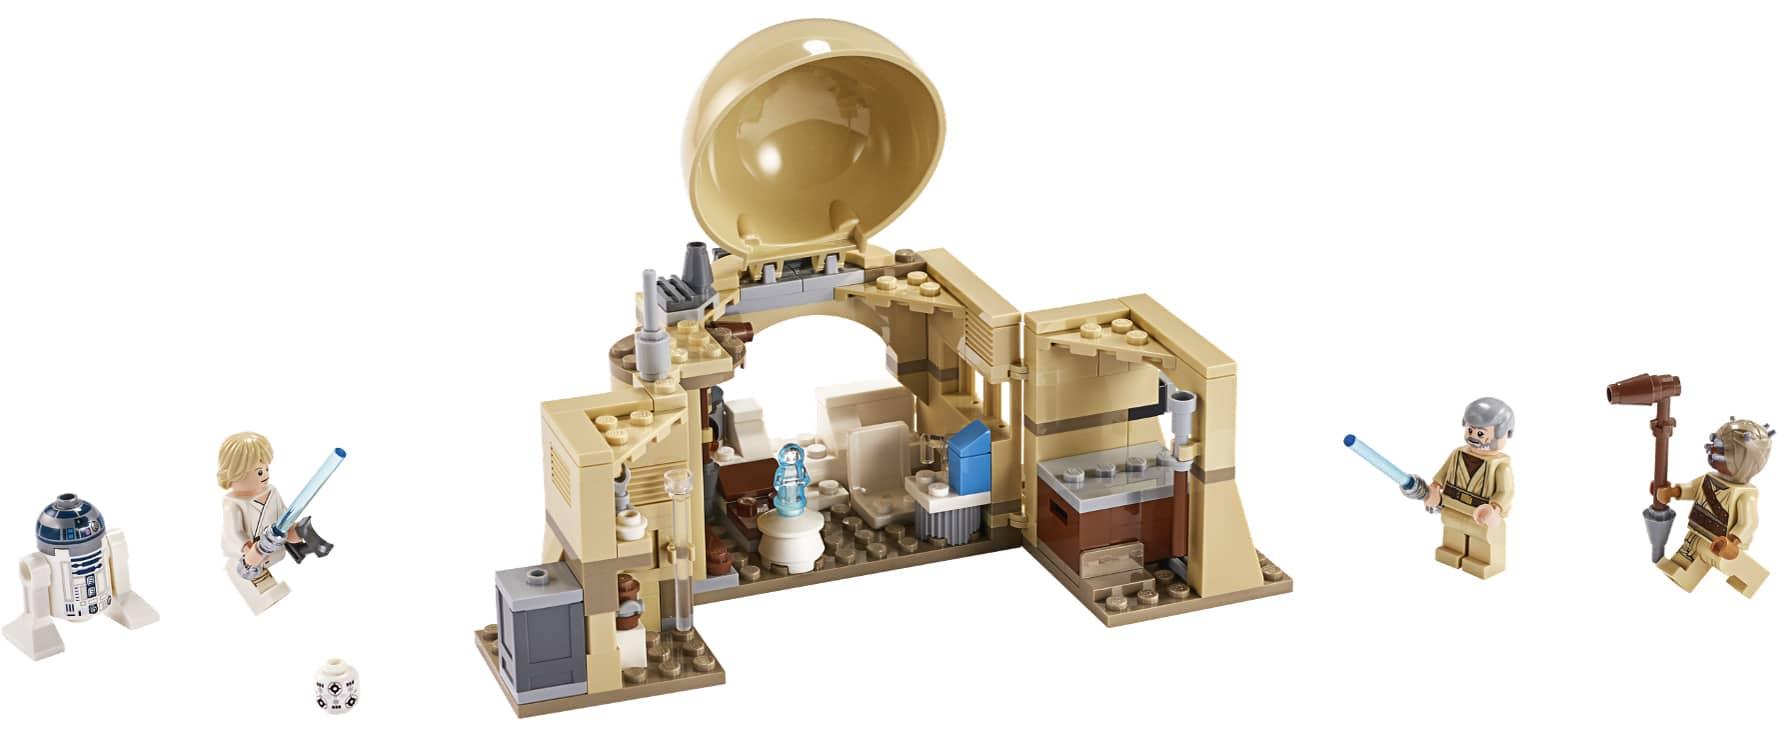 LEGO Star Wars 2020: Ben Kenobis Hütte